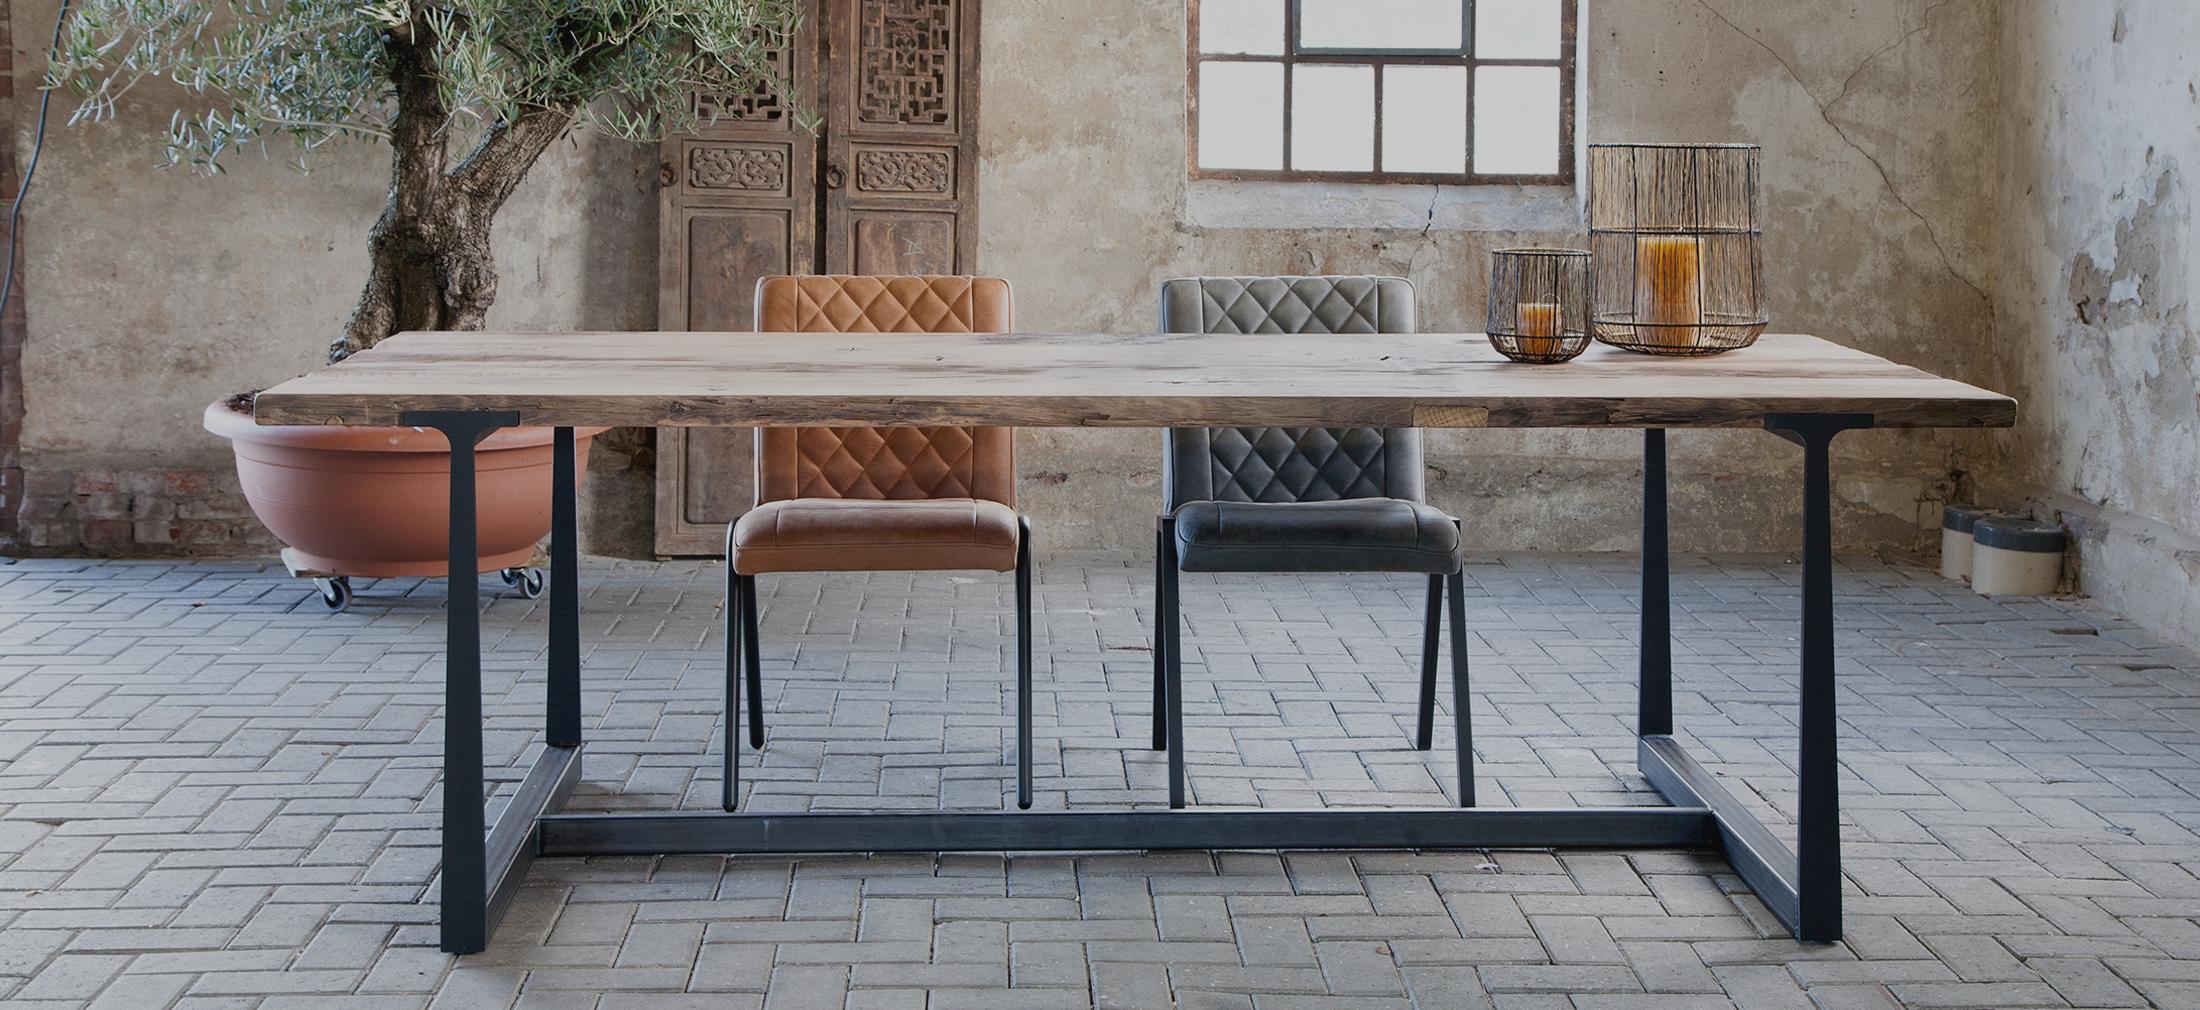 massieve tafels